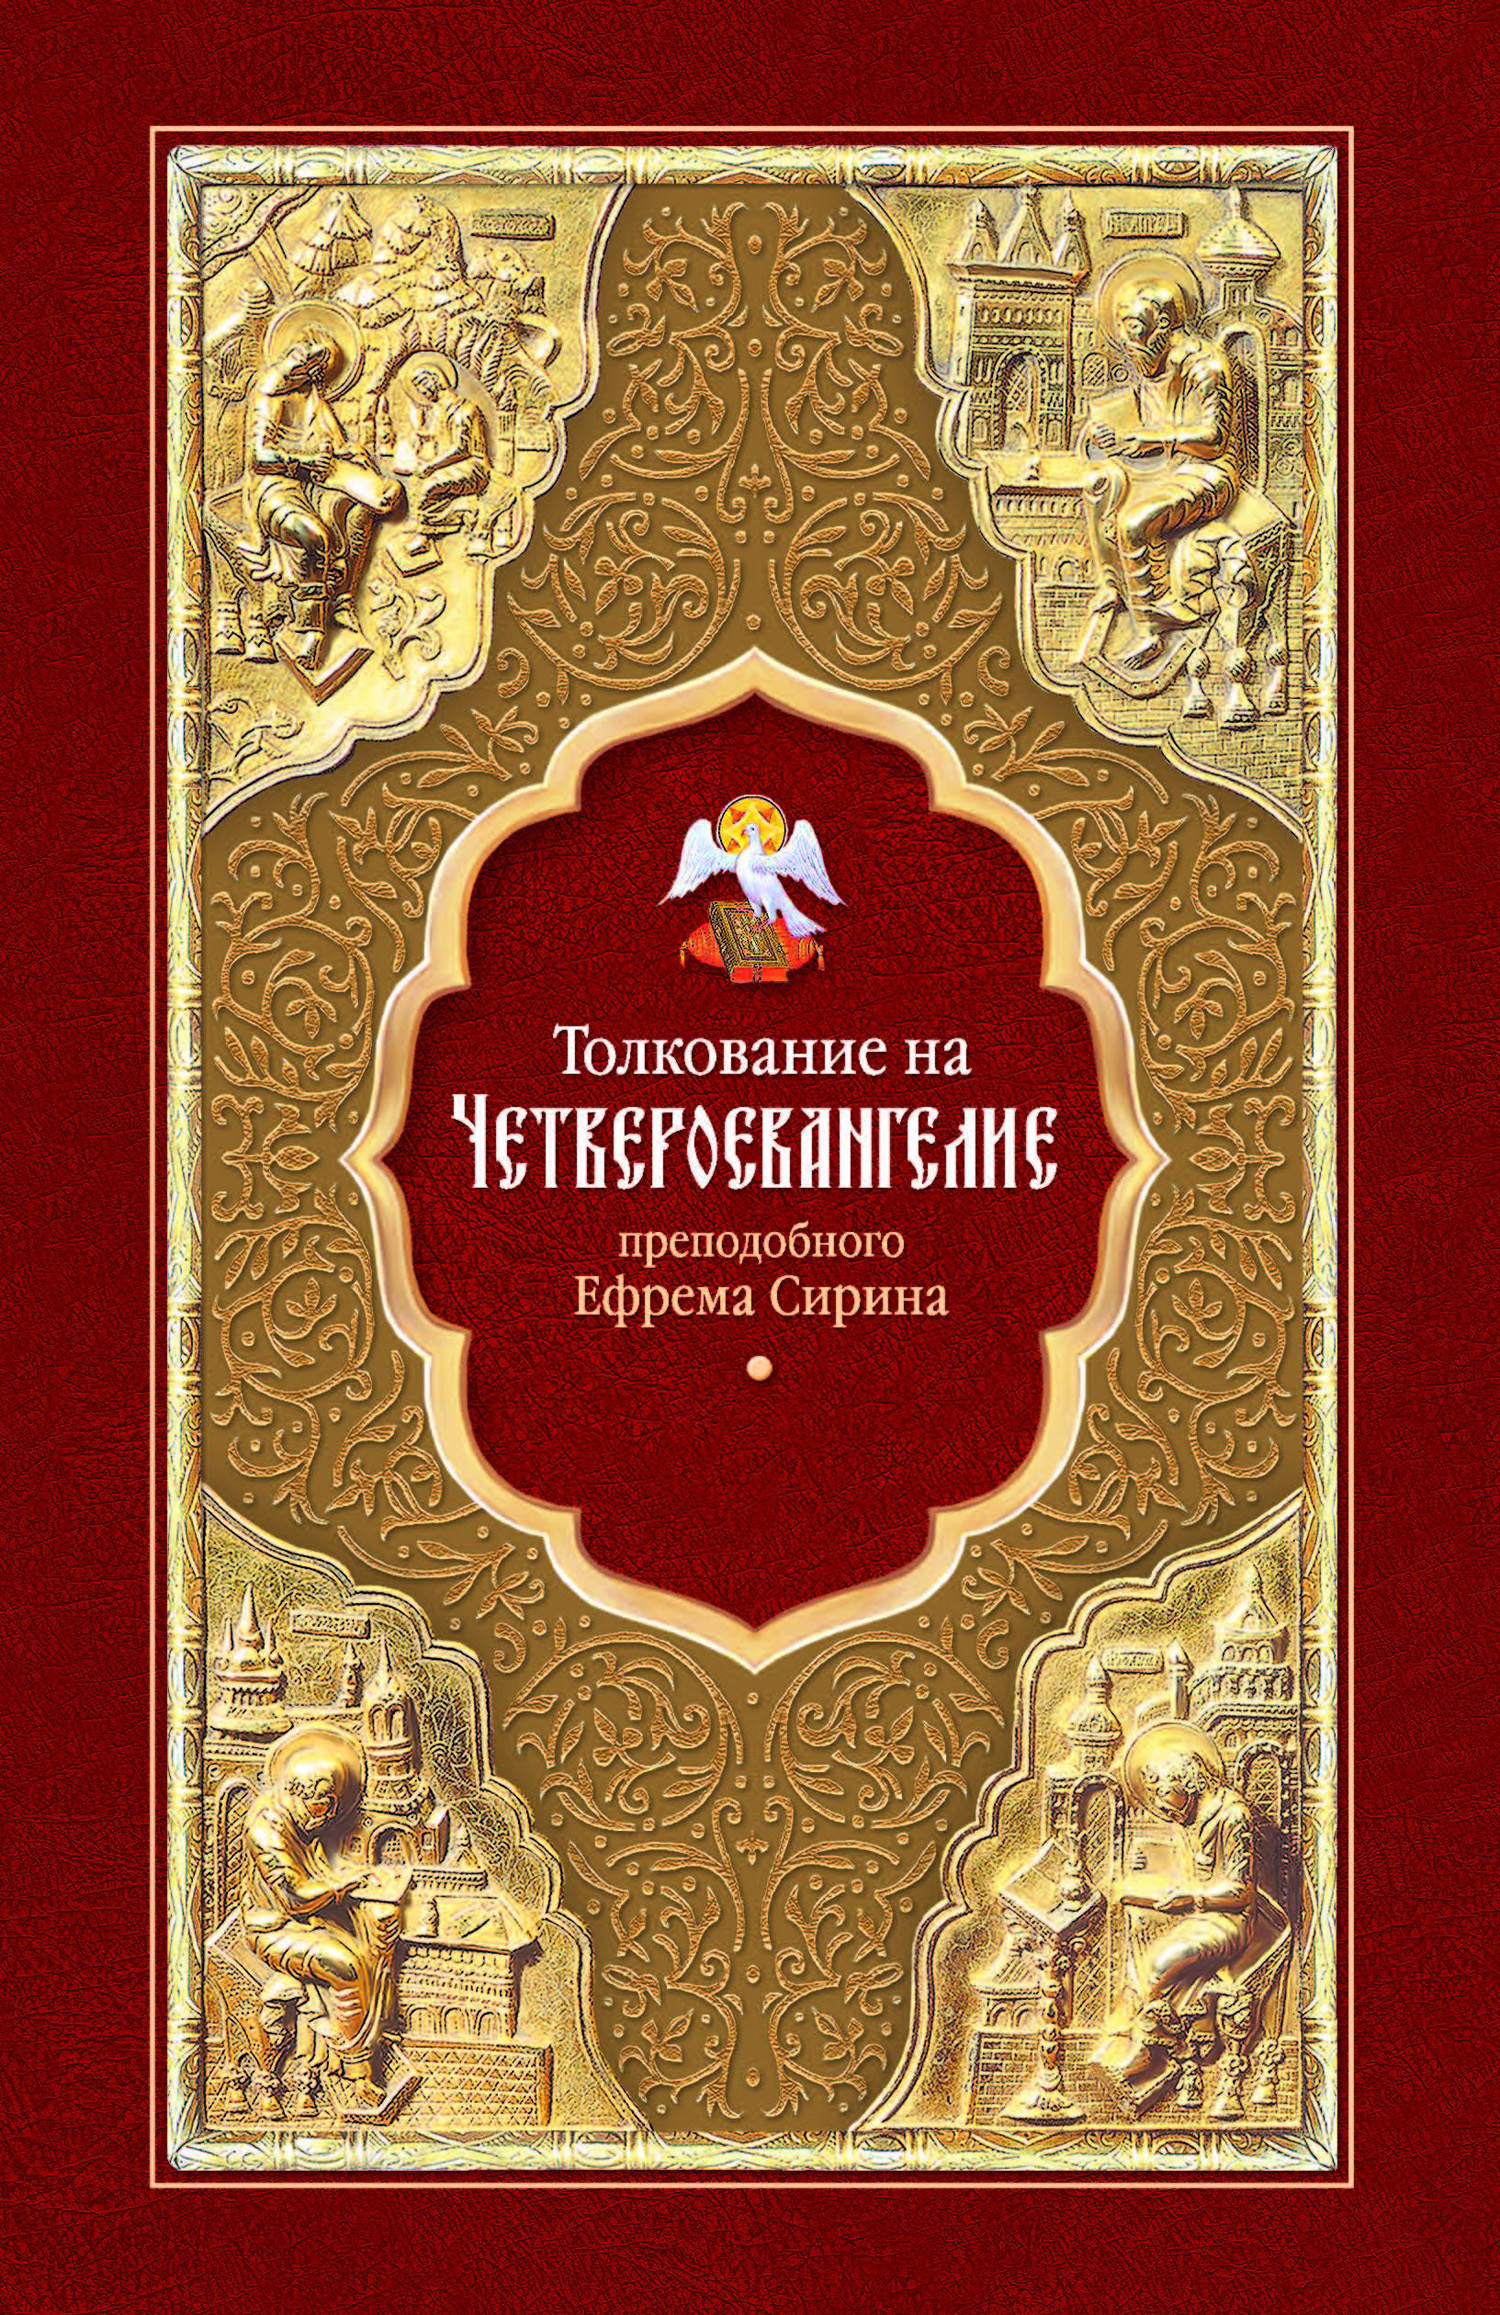 преподобный Ефрем Сирин Толкование на Четвероевангелие преподобного Ефрема Сирина отсутствует сила любви по творениям преподобного ефрема сирина